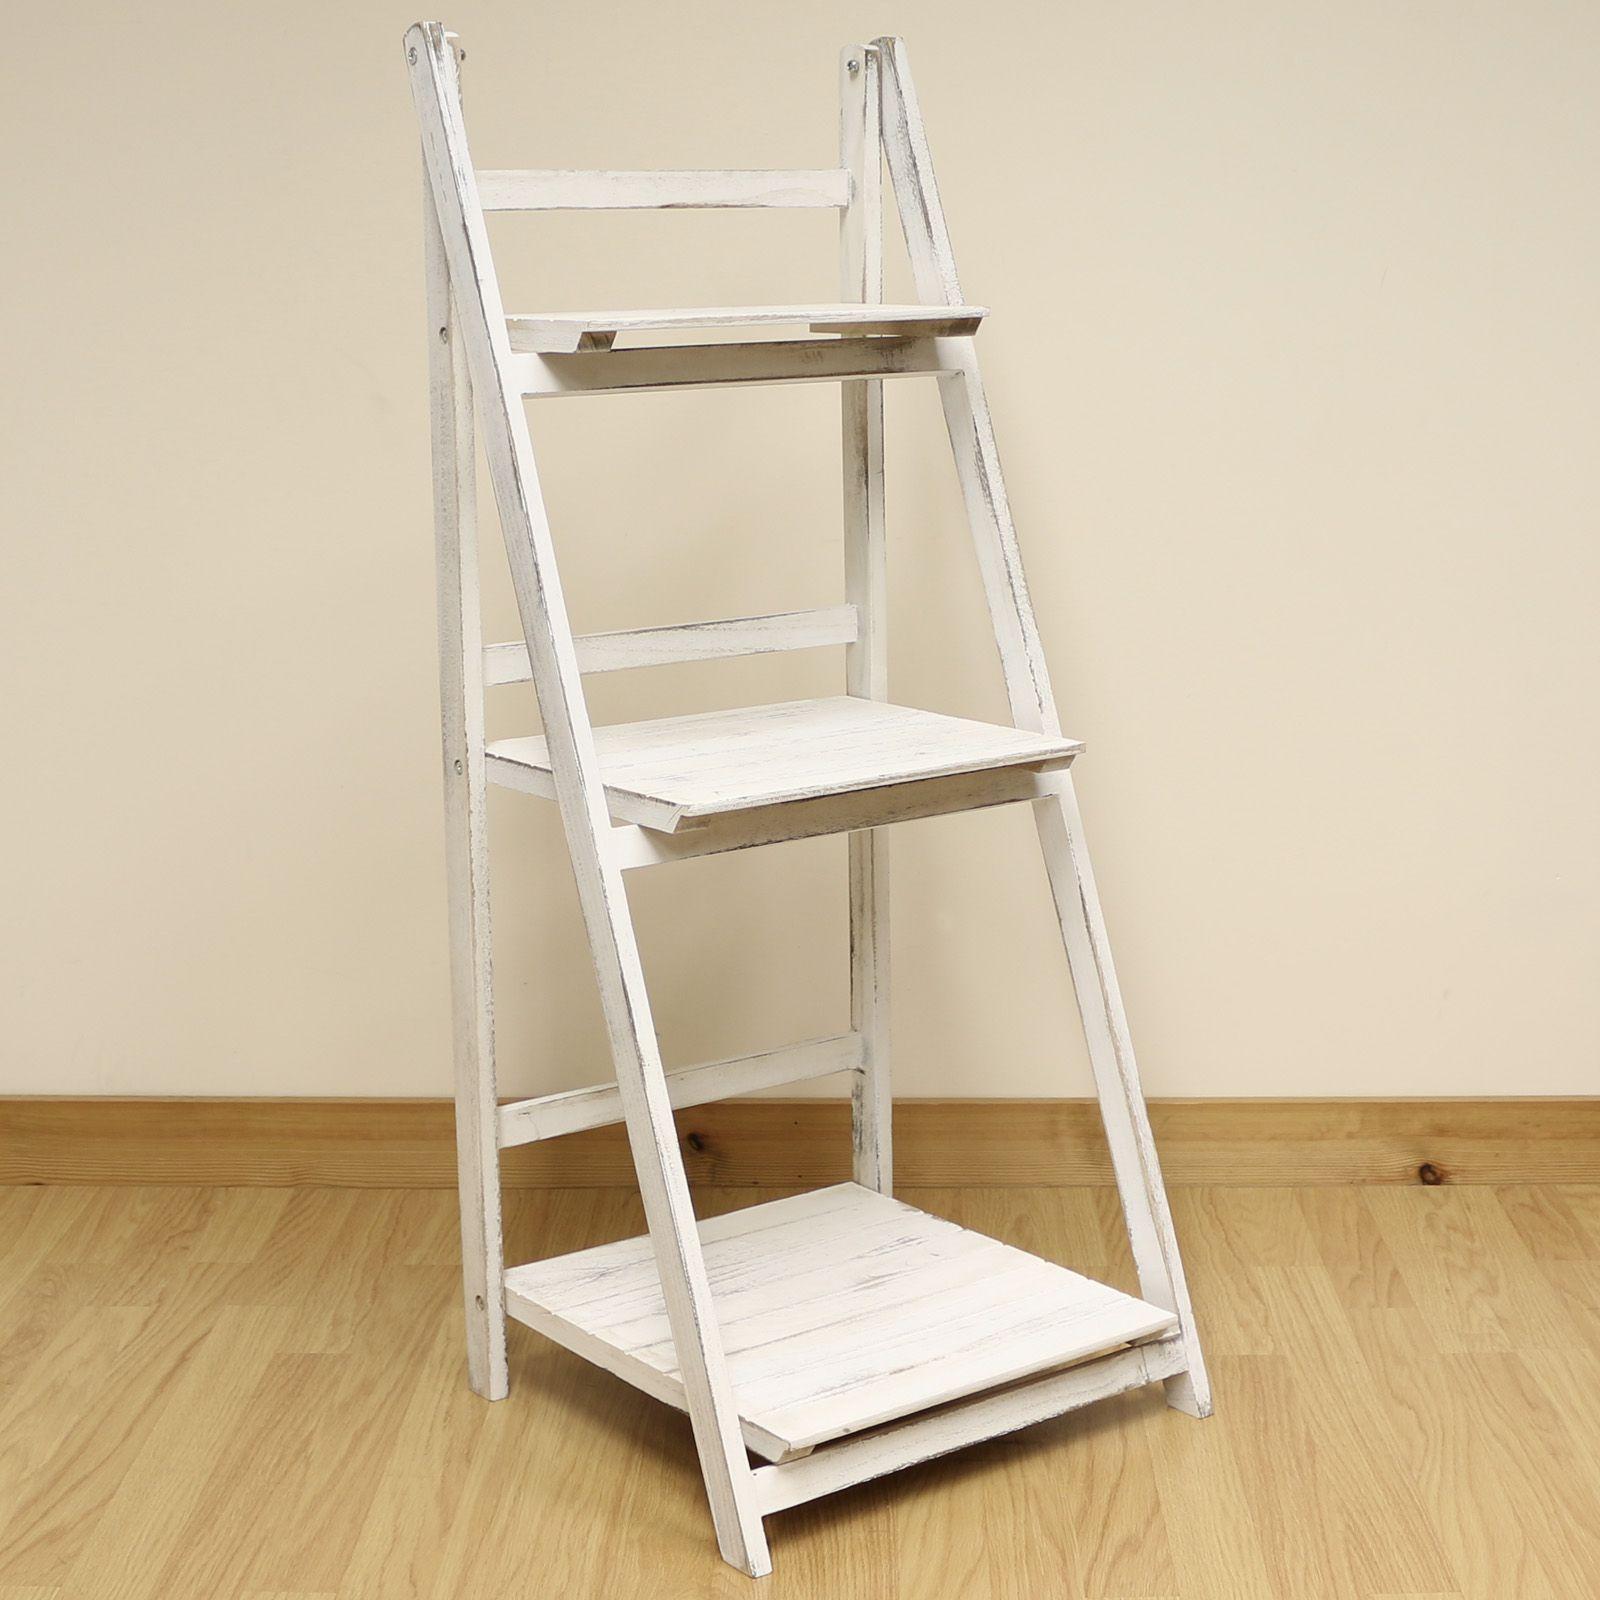 Simple White Wooden Ladder Shelf White Ladder Shelf Ladder Shelf Shelves